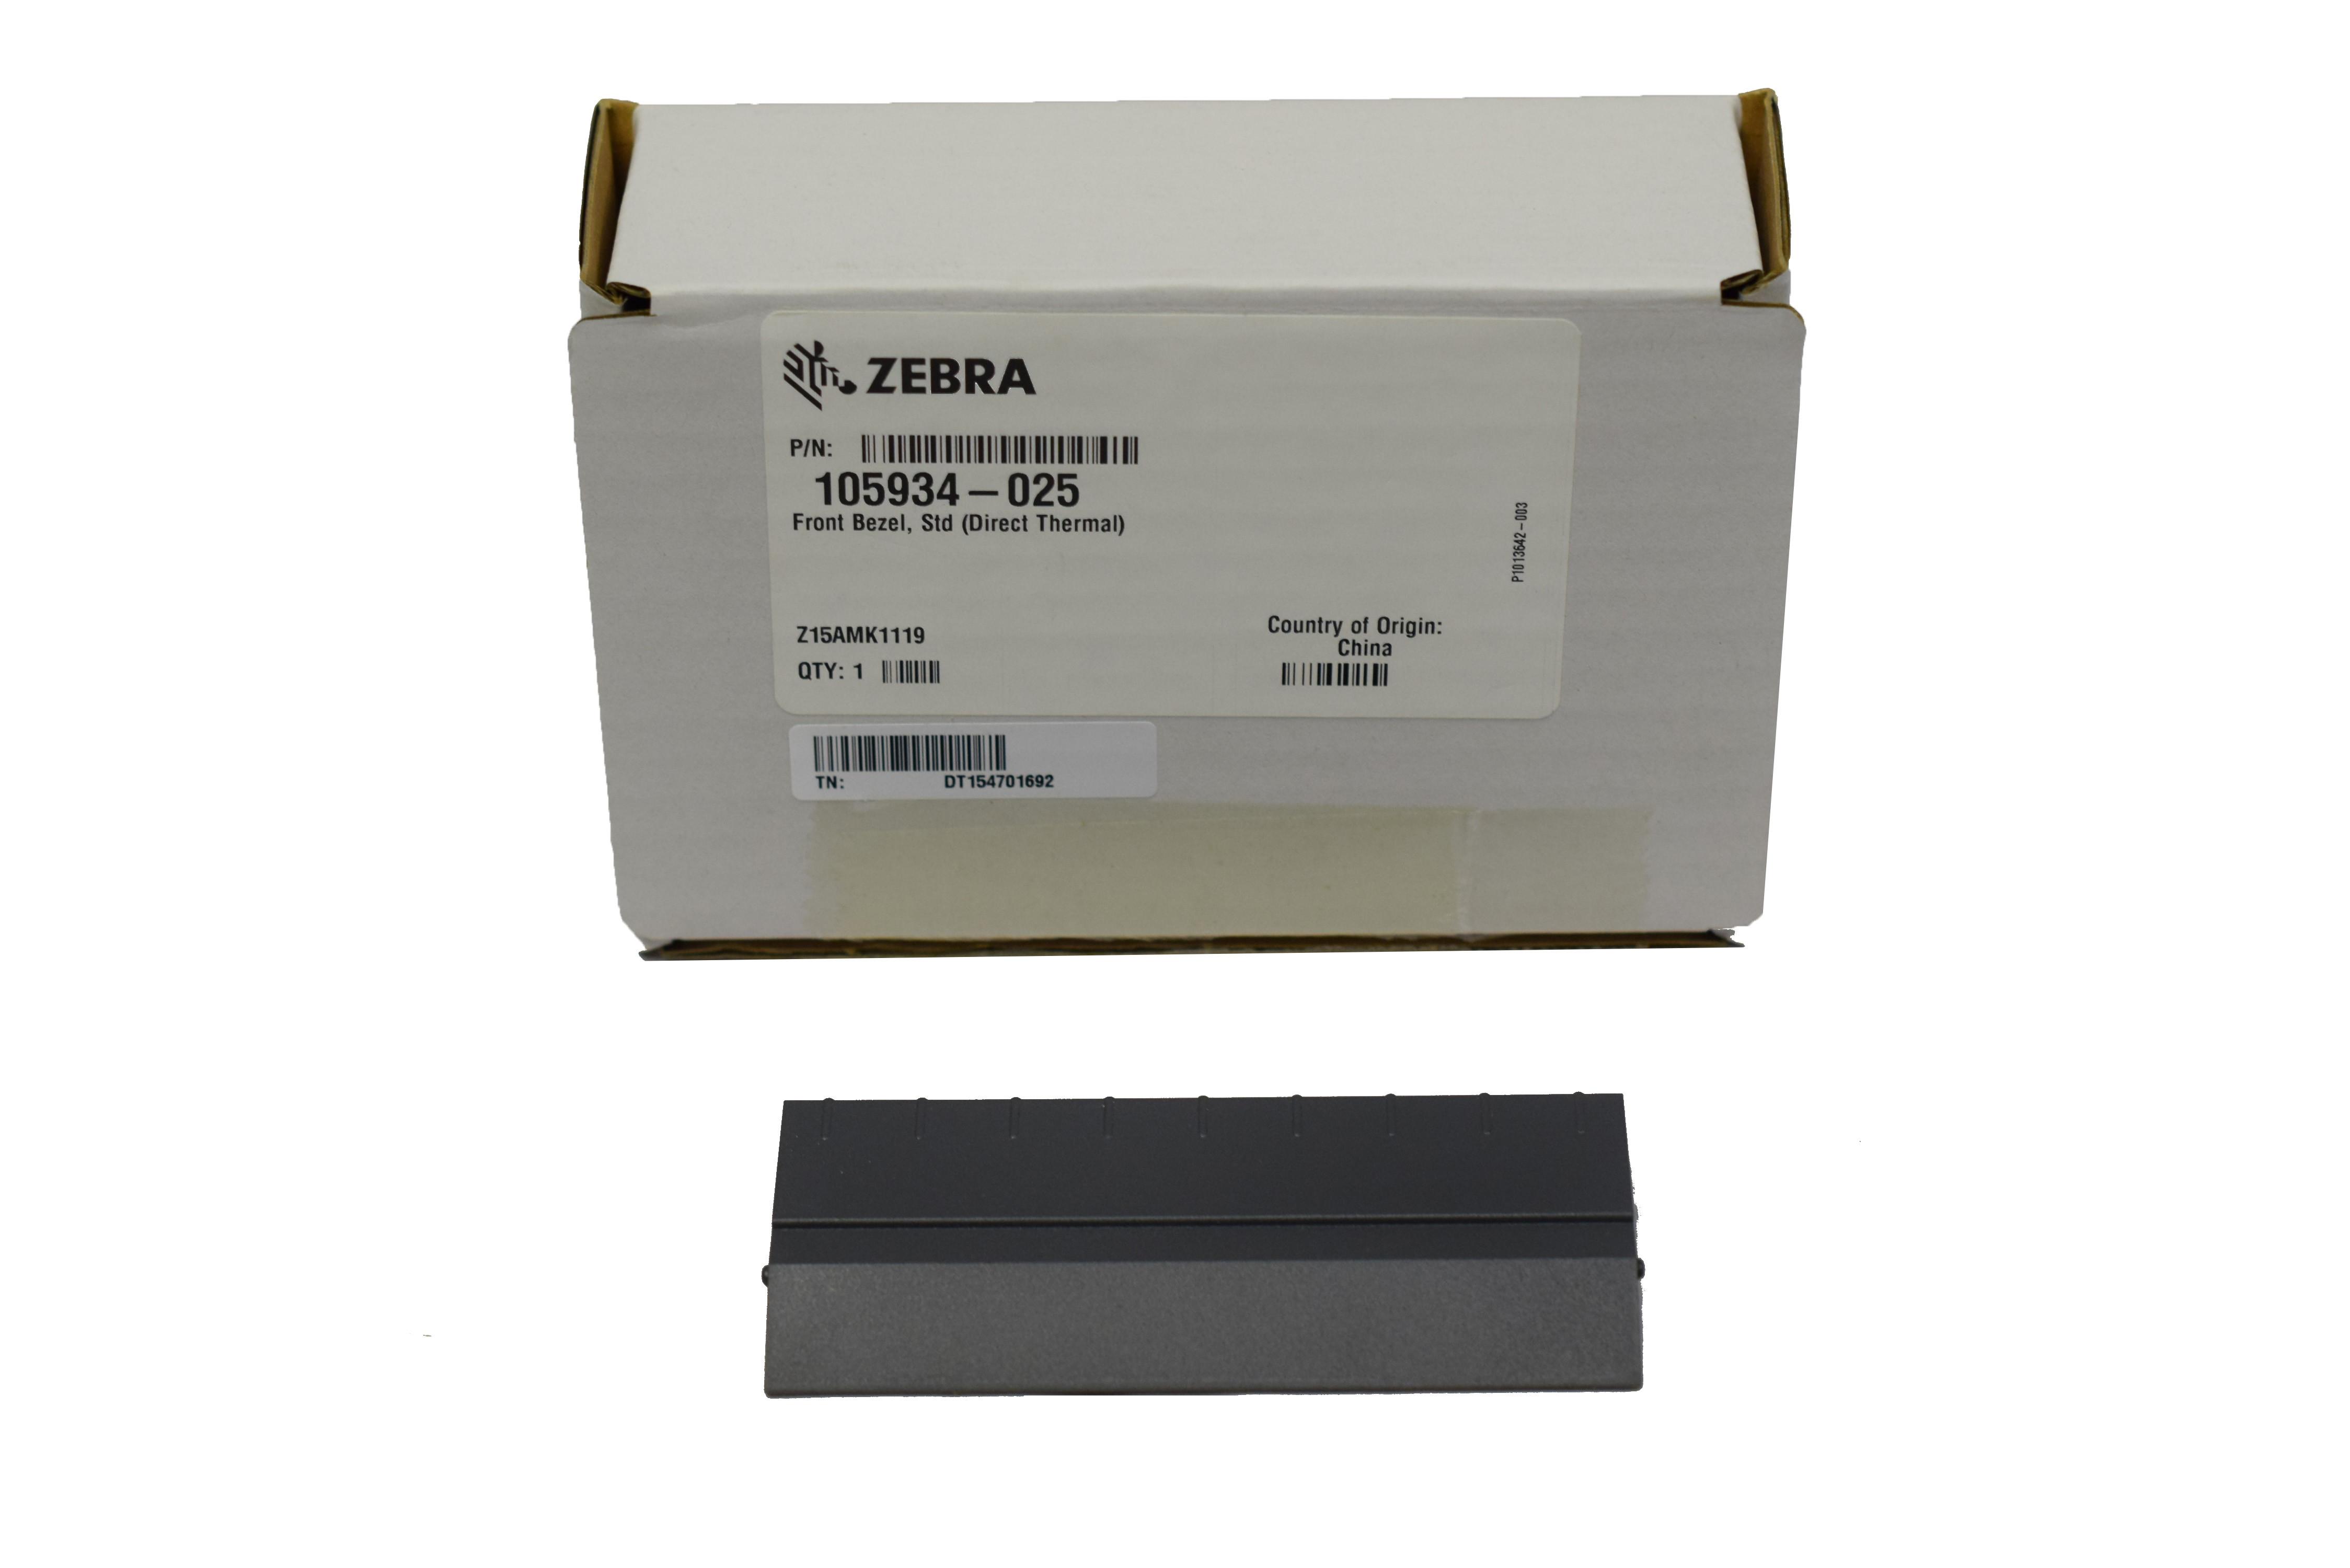 Zebra GK420d Bezel 105934-025 OEM